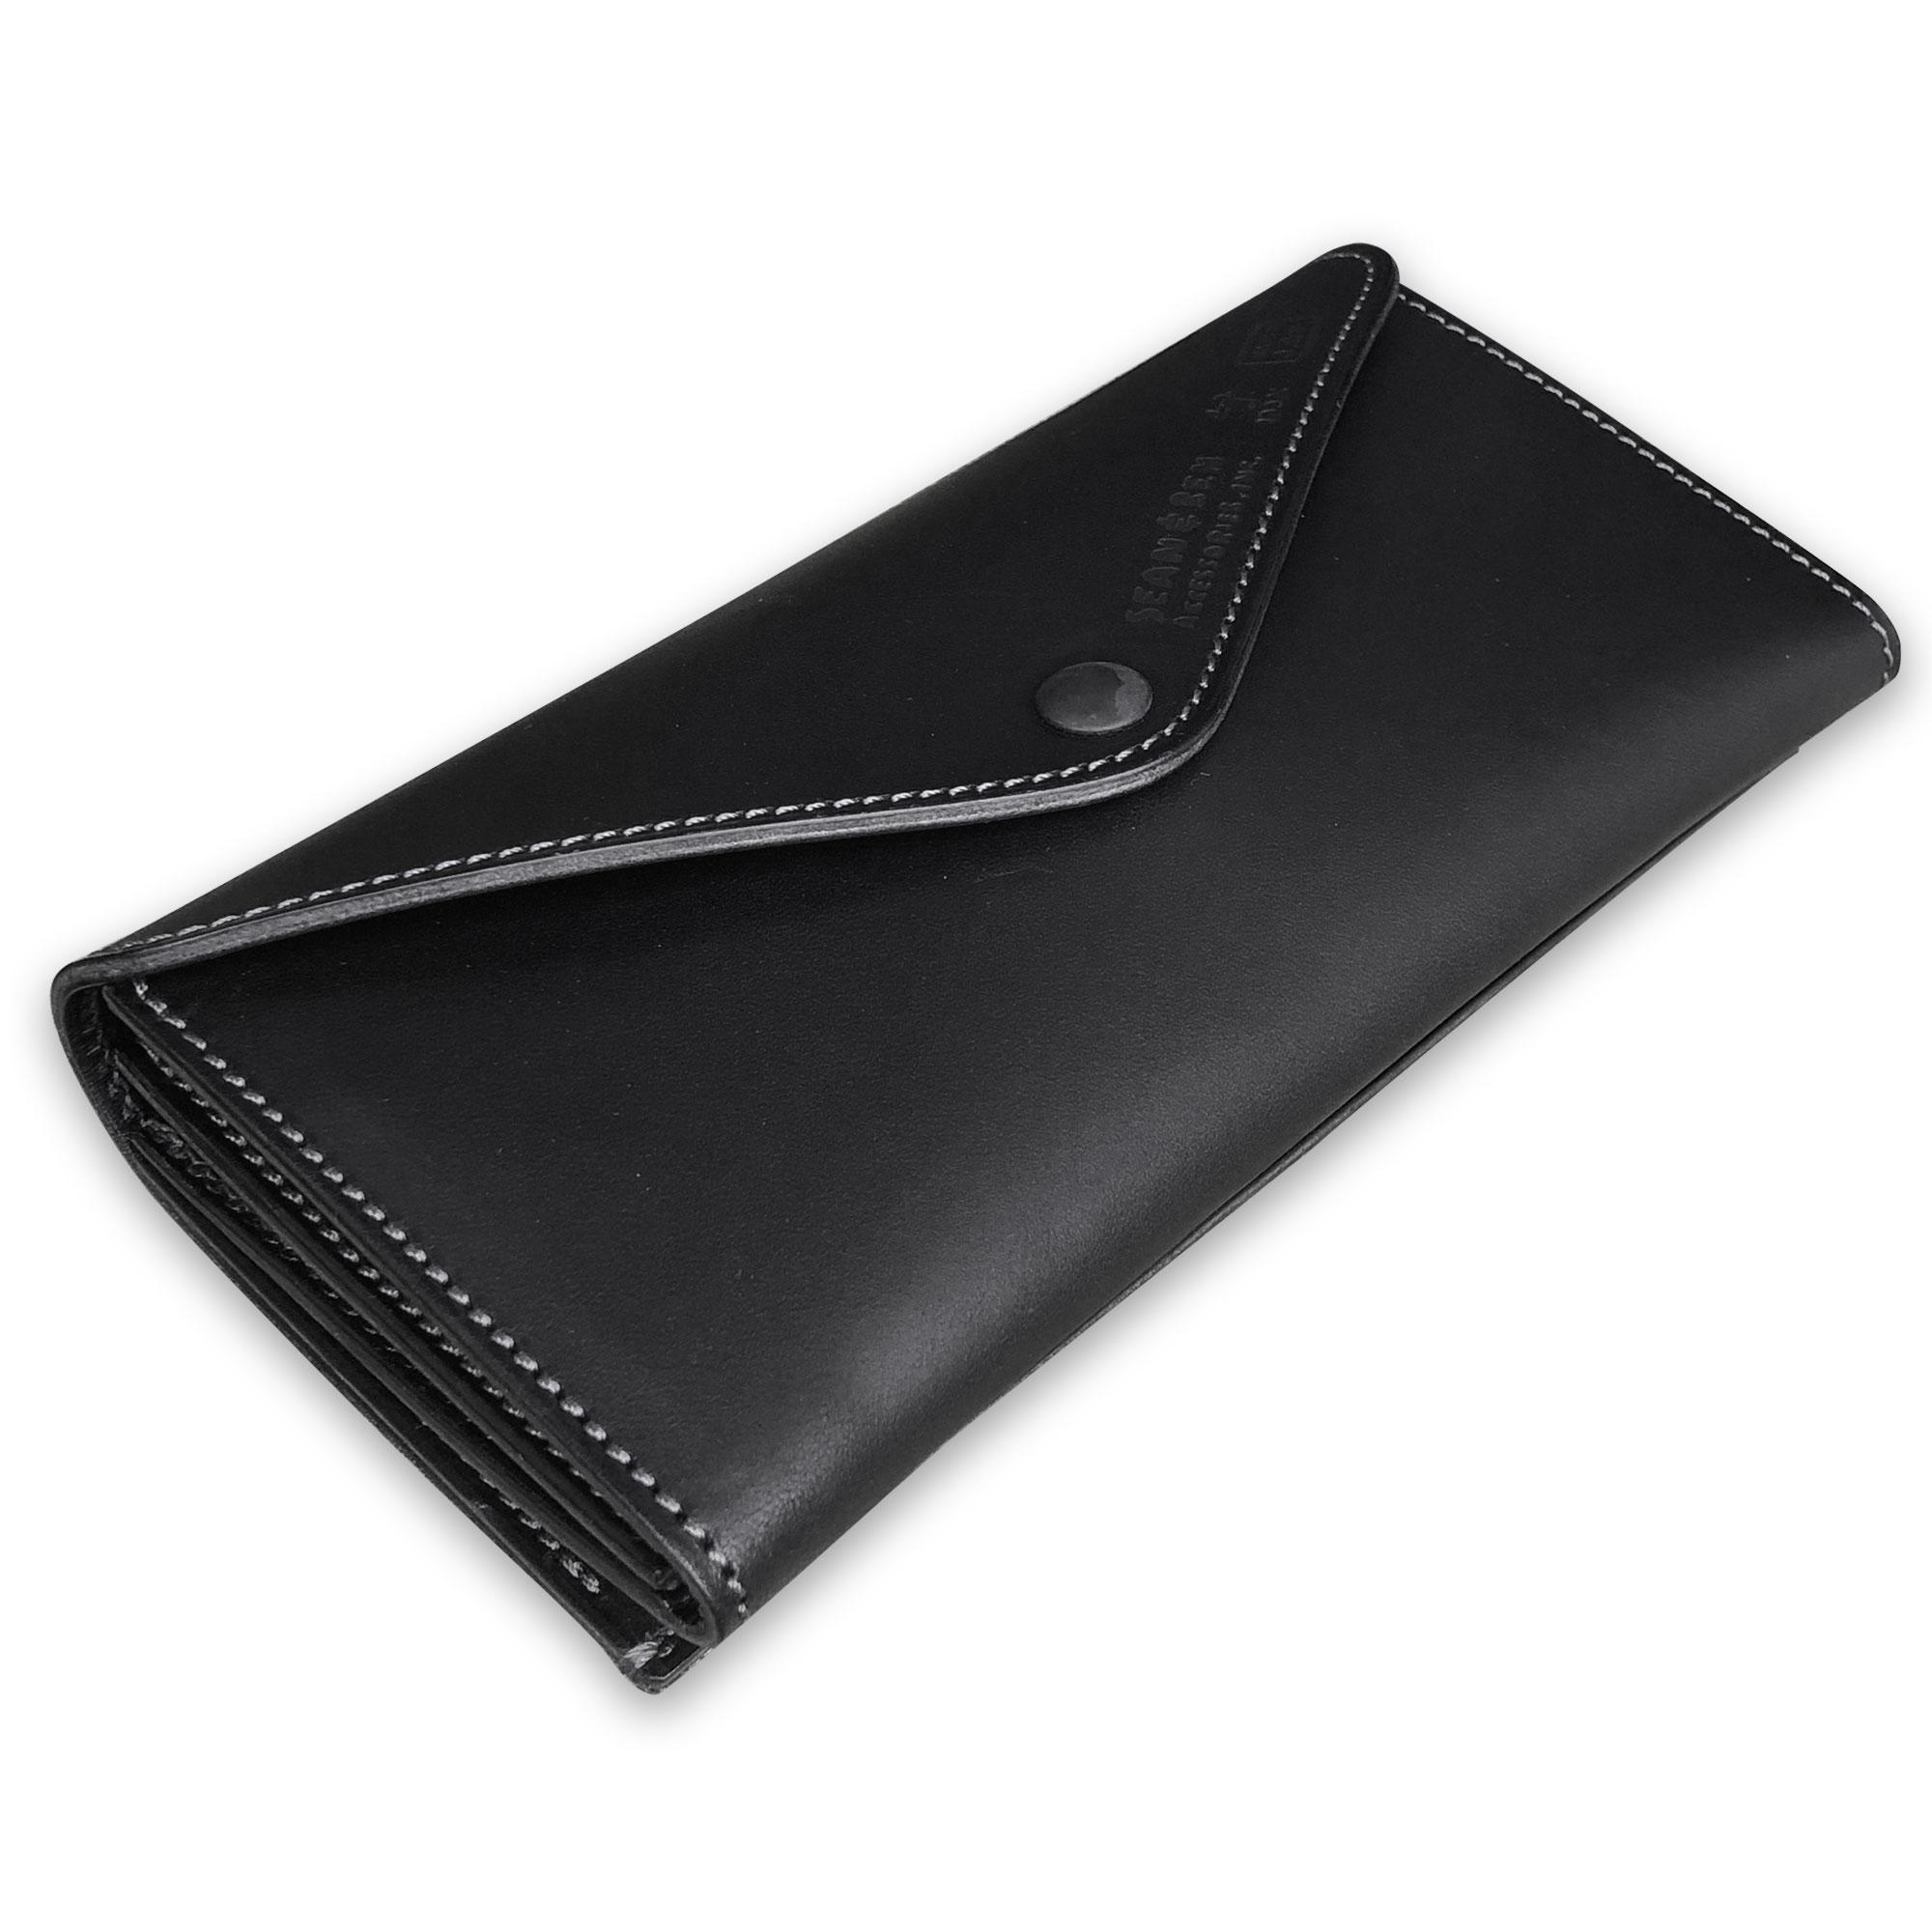 人気のブラック。バッグ要らずの収納スペース。 これ一つで出かけられる 財布です。